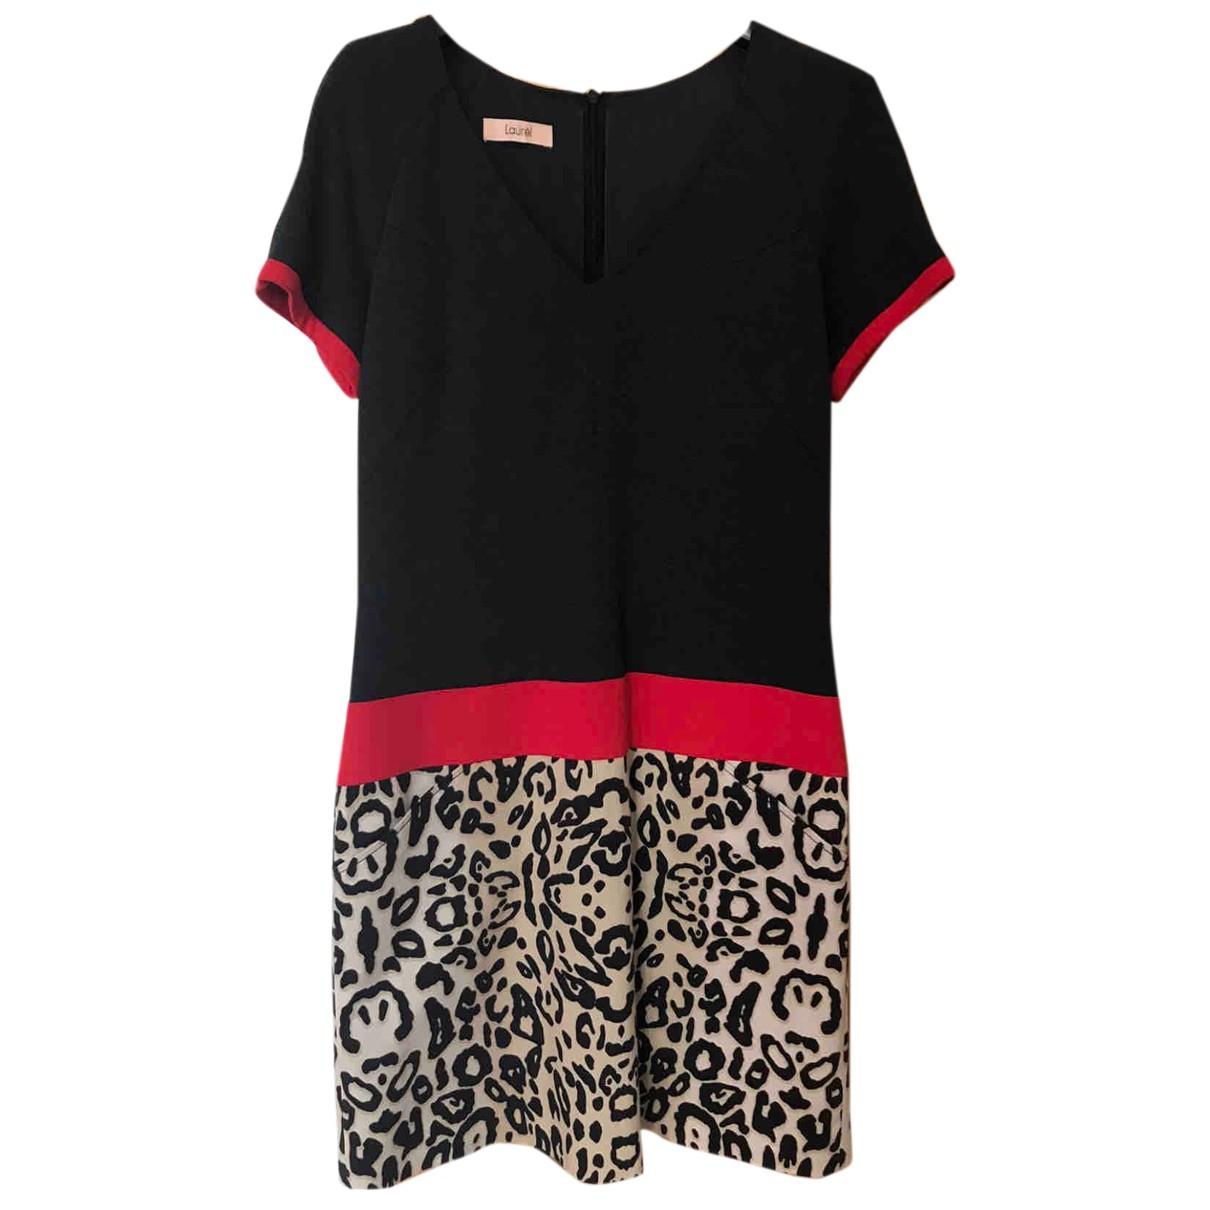 Laurel \N Kleid in  Schwarz Viskose